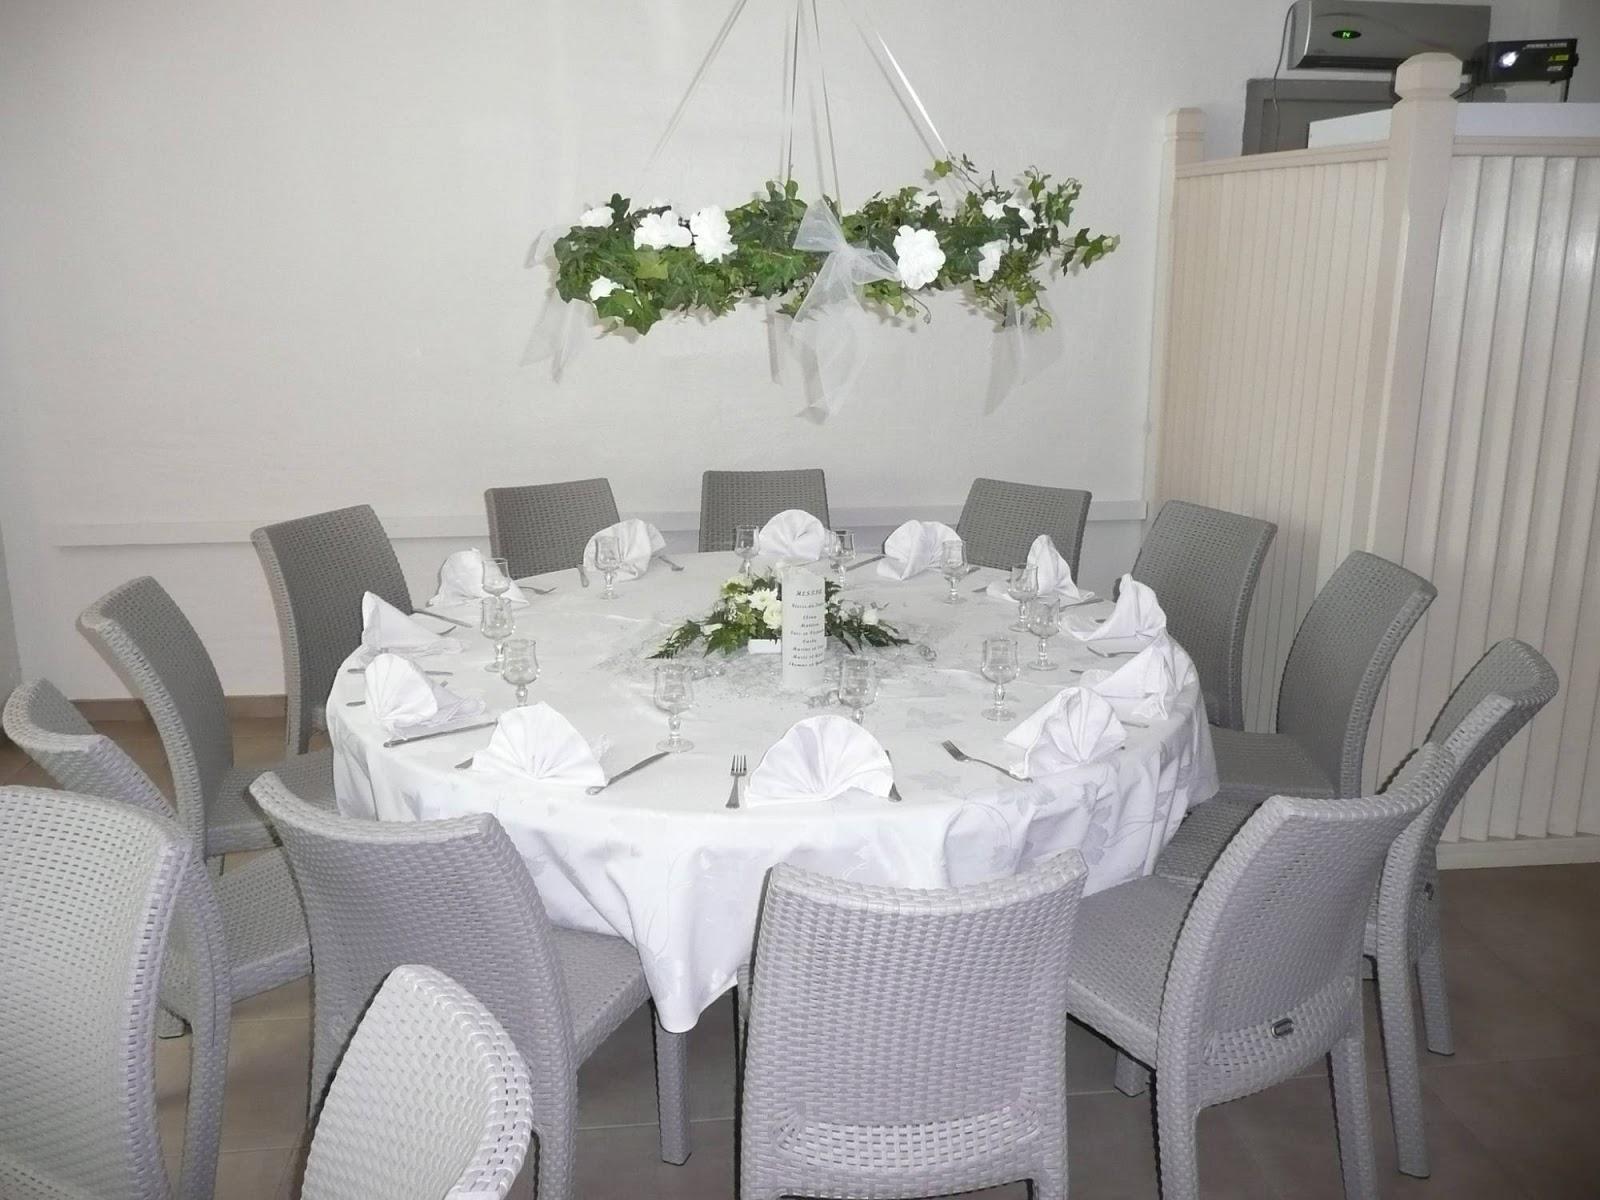 id et photo d coration mariage d coration de table. Black Bedroom Furniture Sets. Home Design Ideas